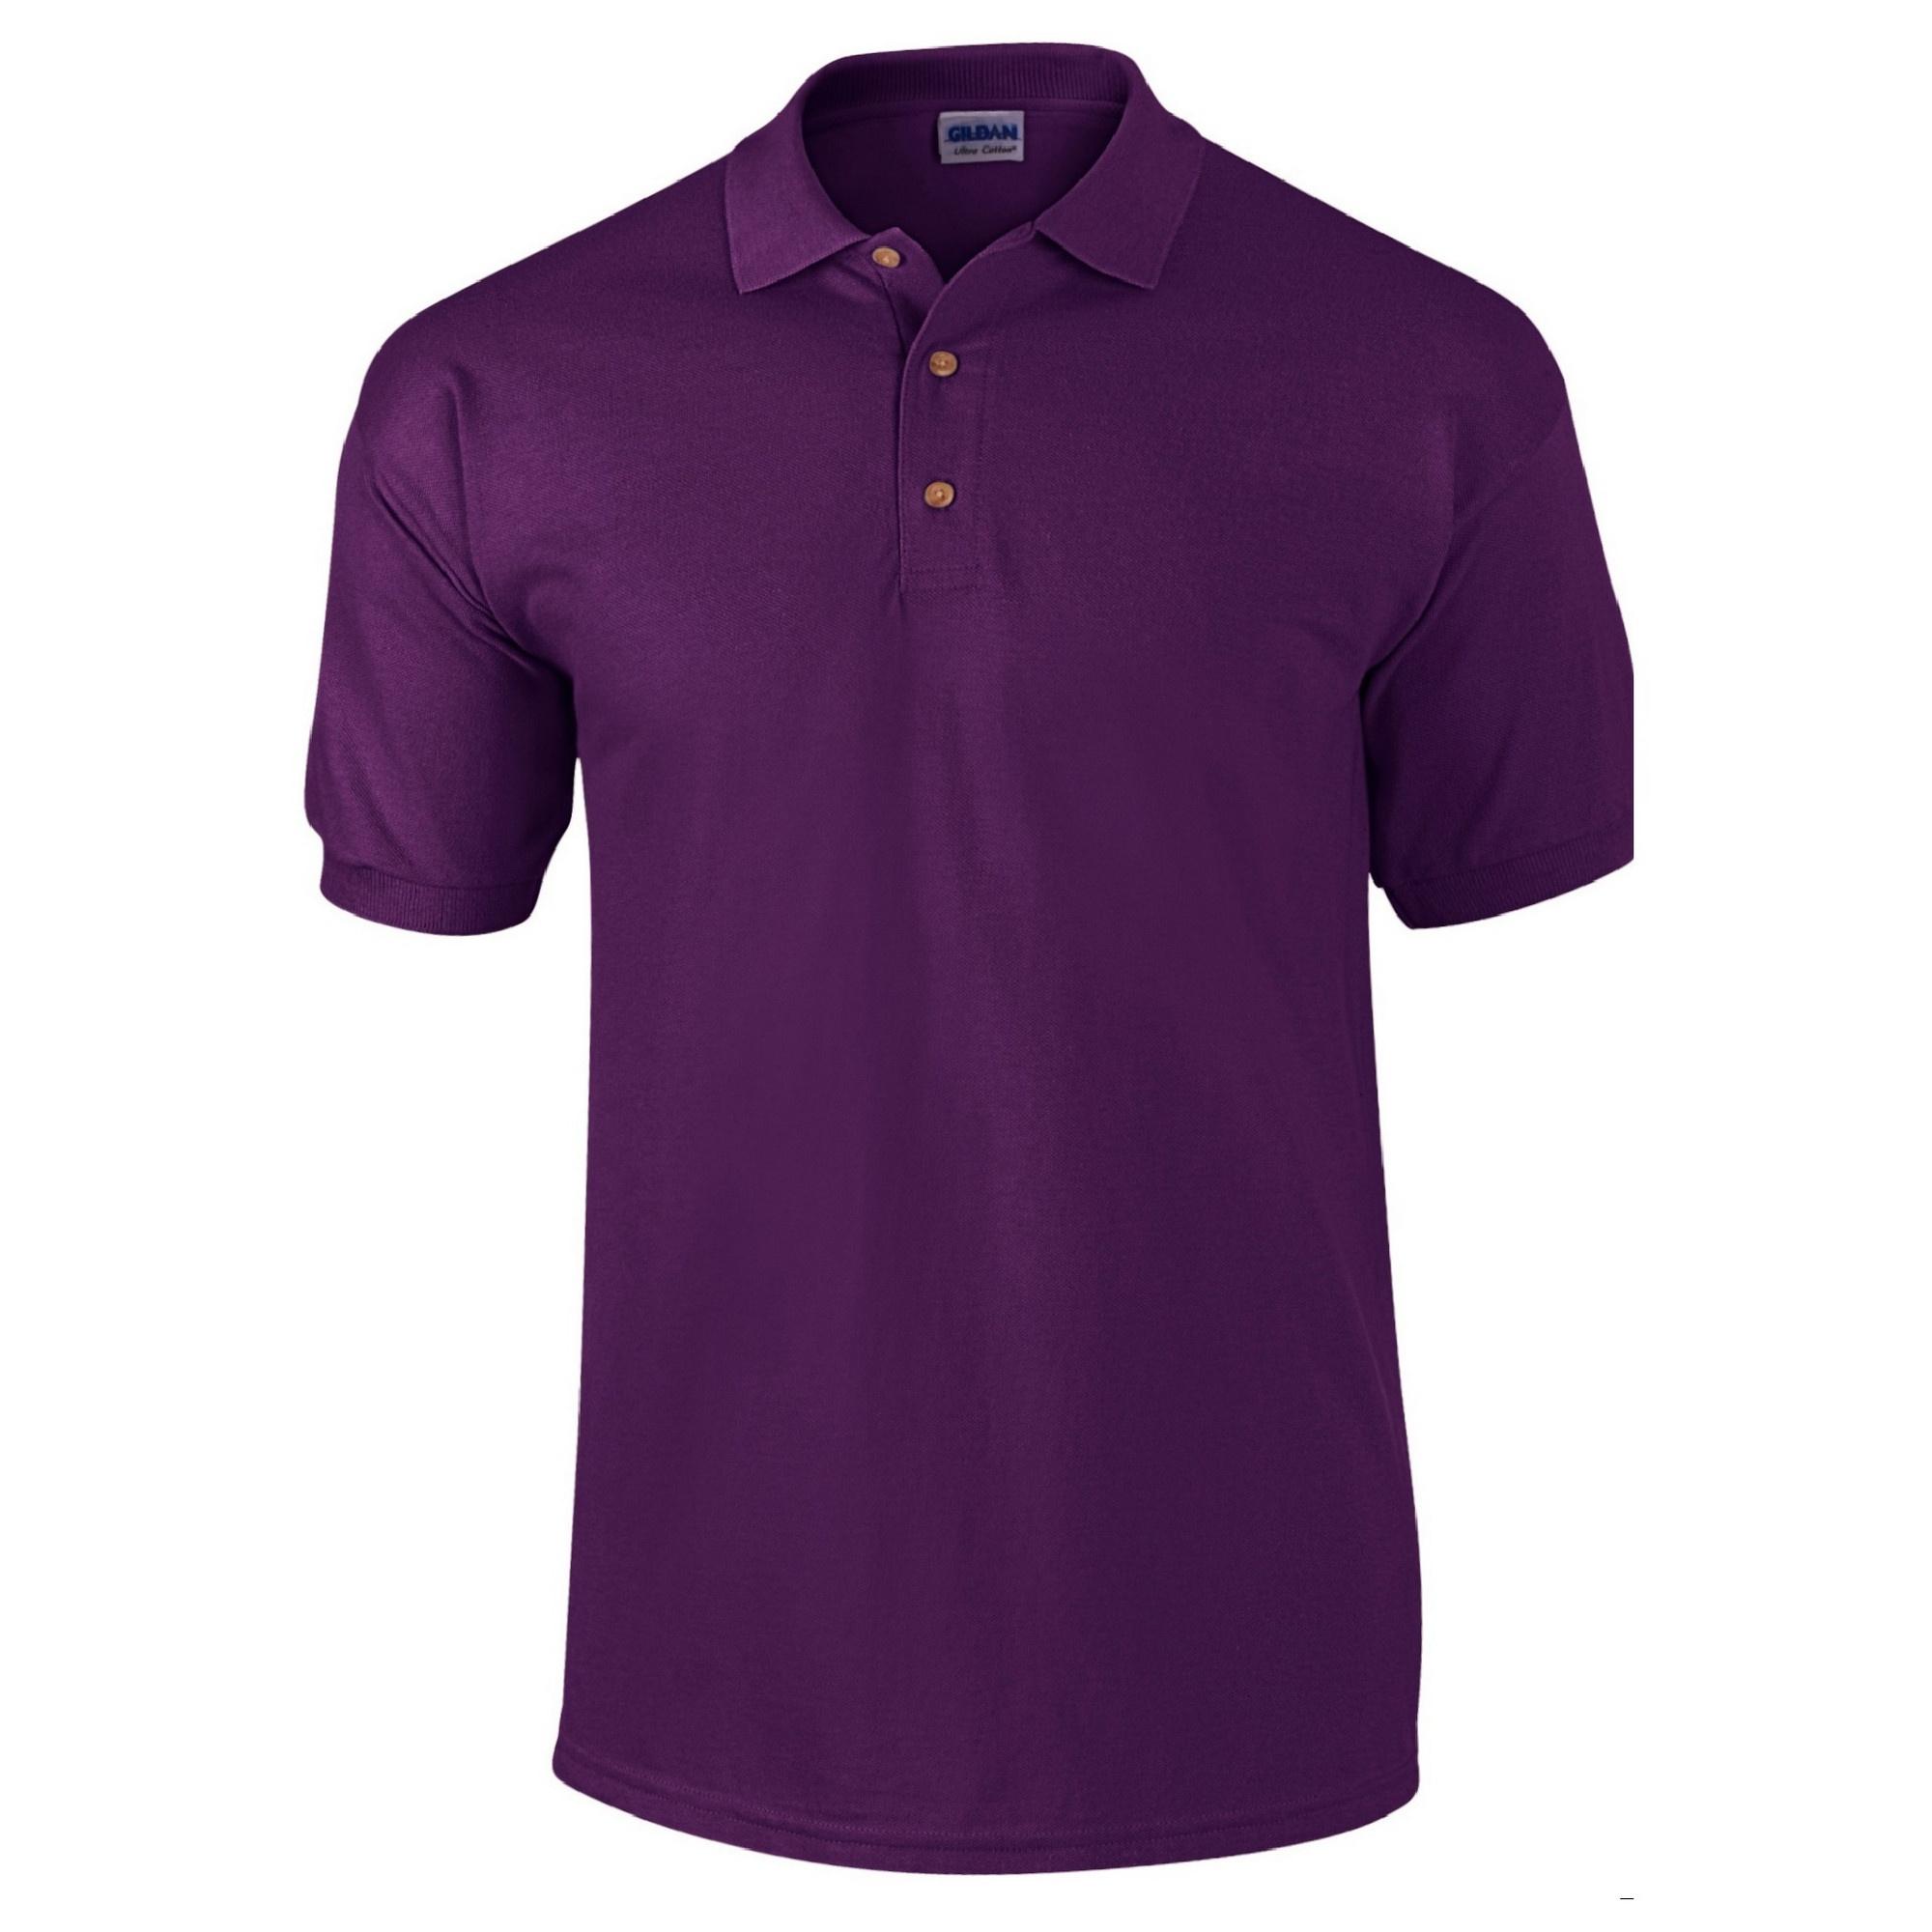 Polo en coton piqué Gildan pour homme (M) (Bleu) 3mtBJKPY